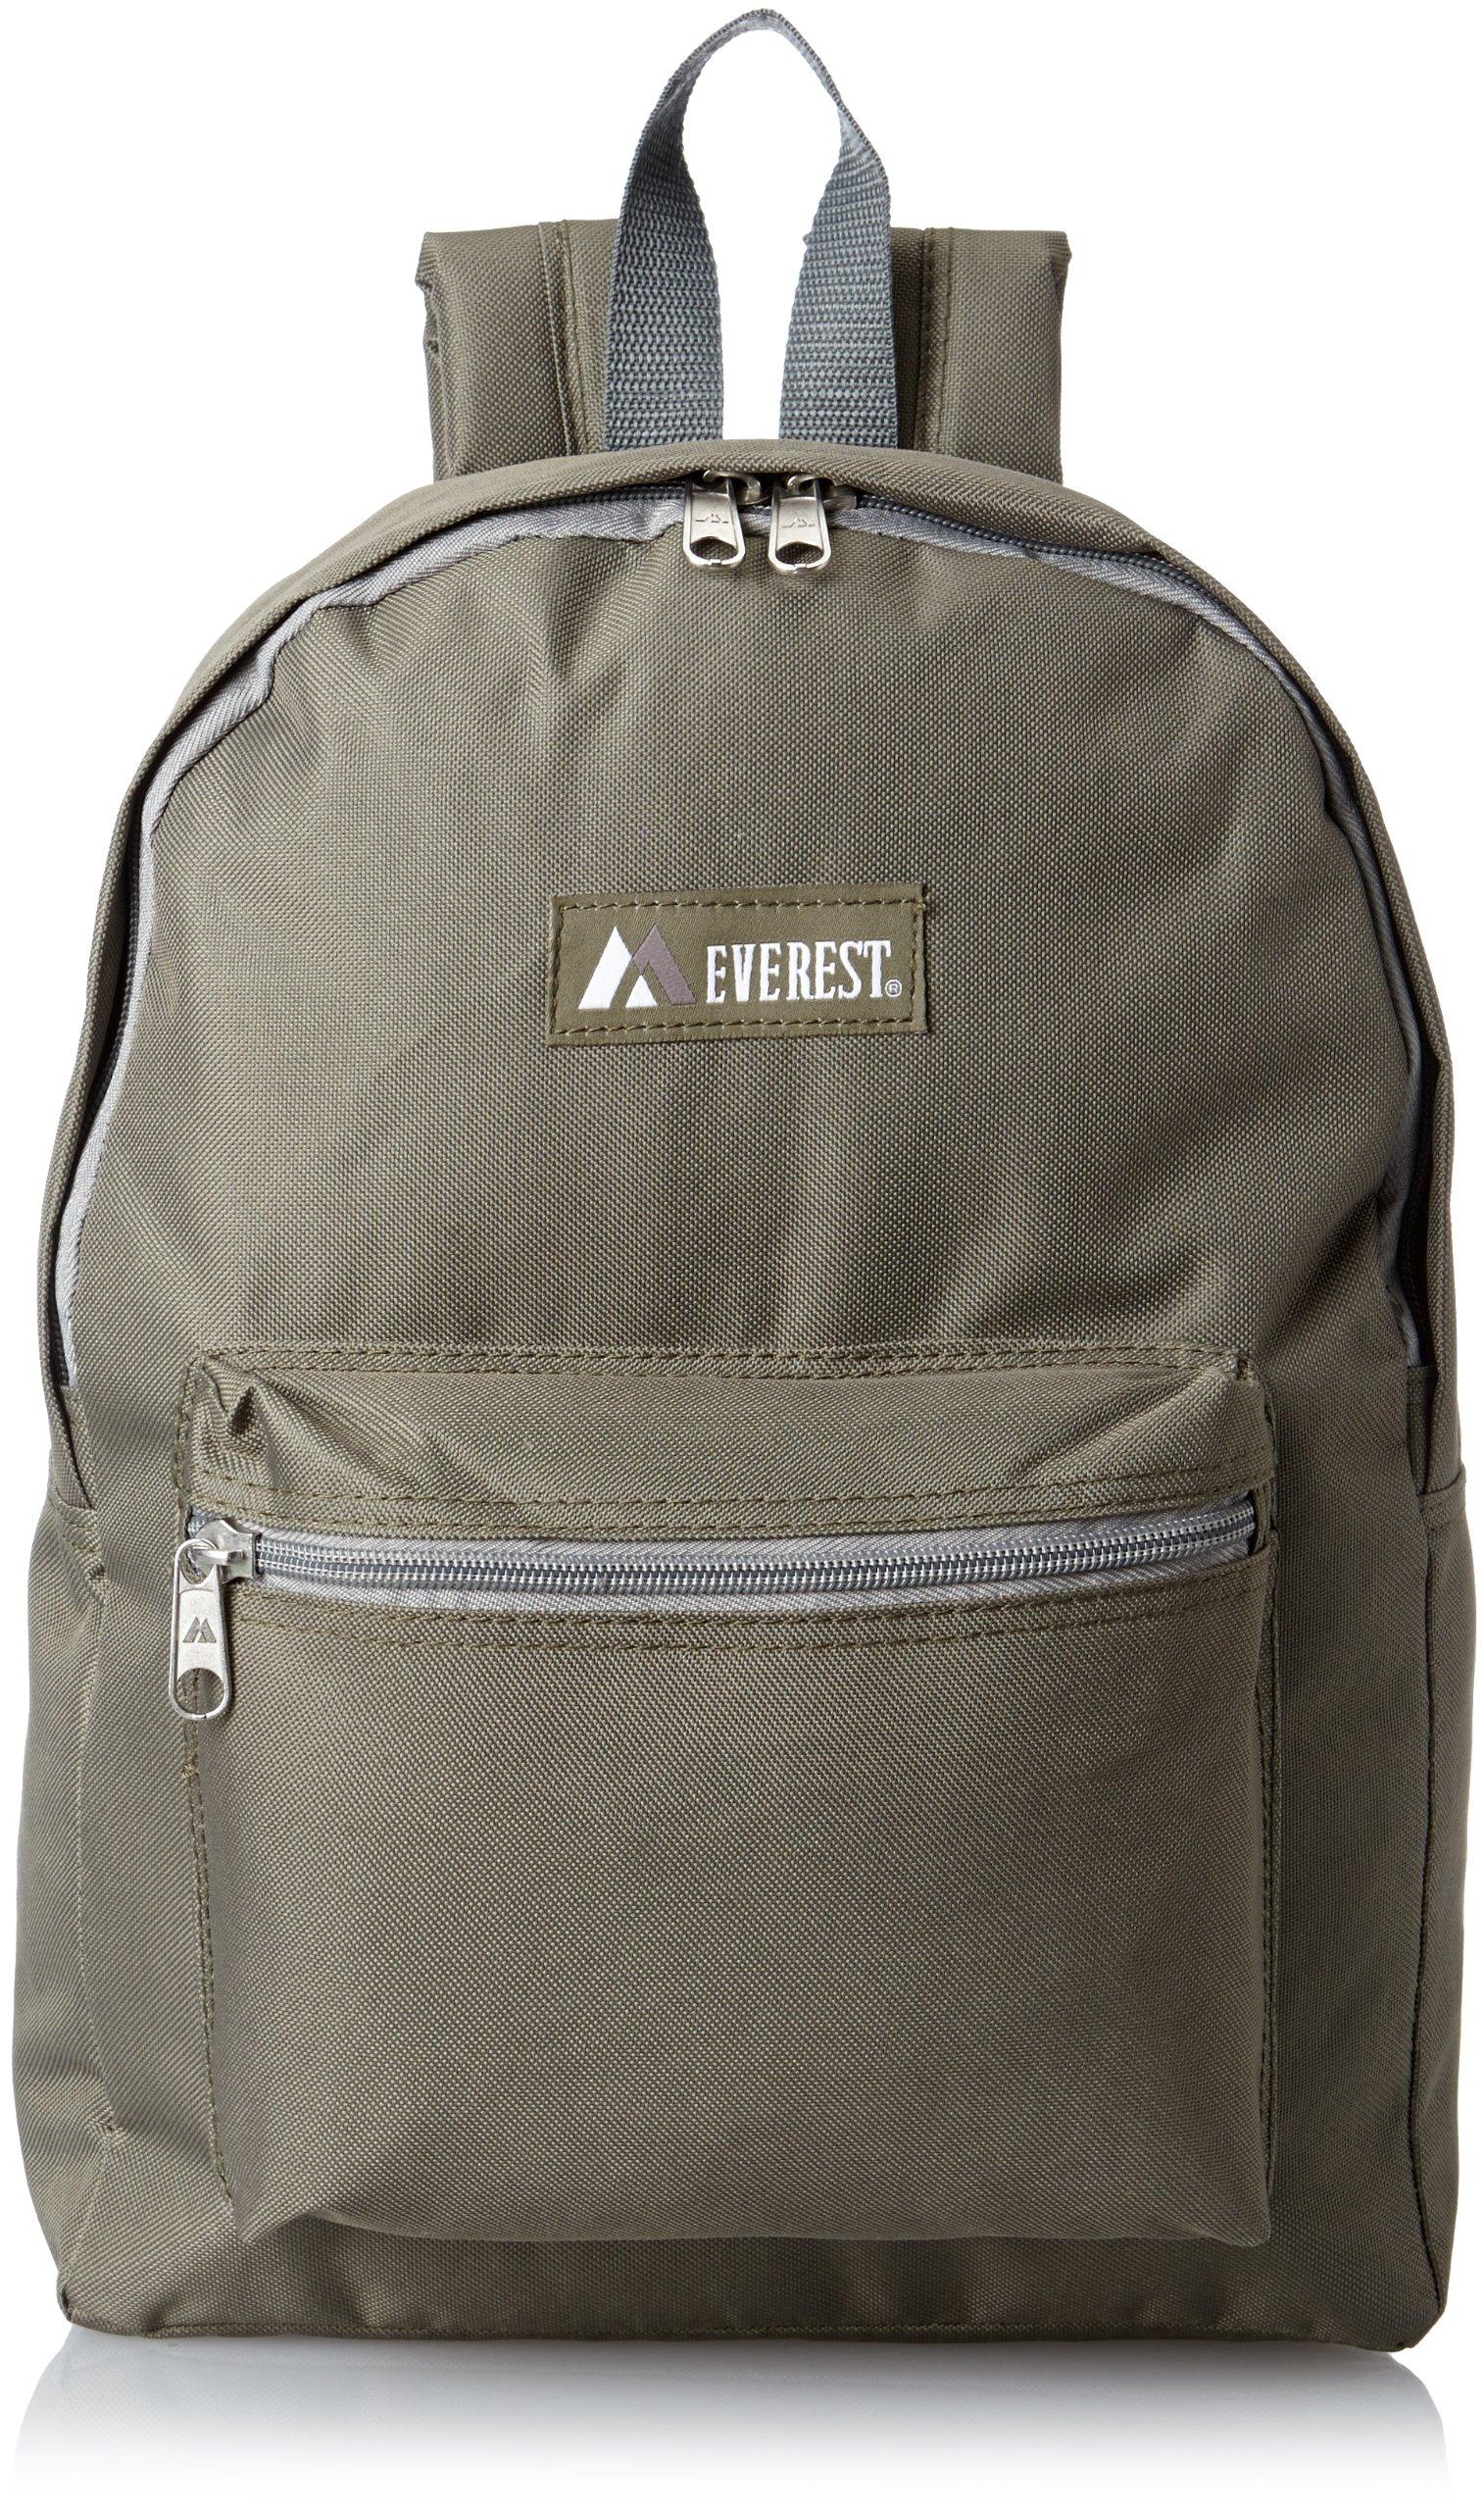 Everest Basic Backpack, Olive, One Size